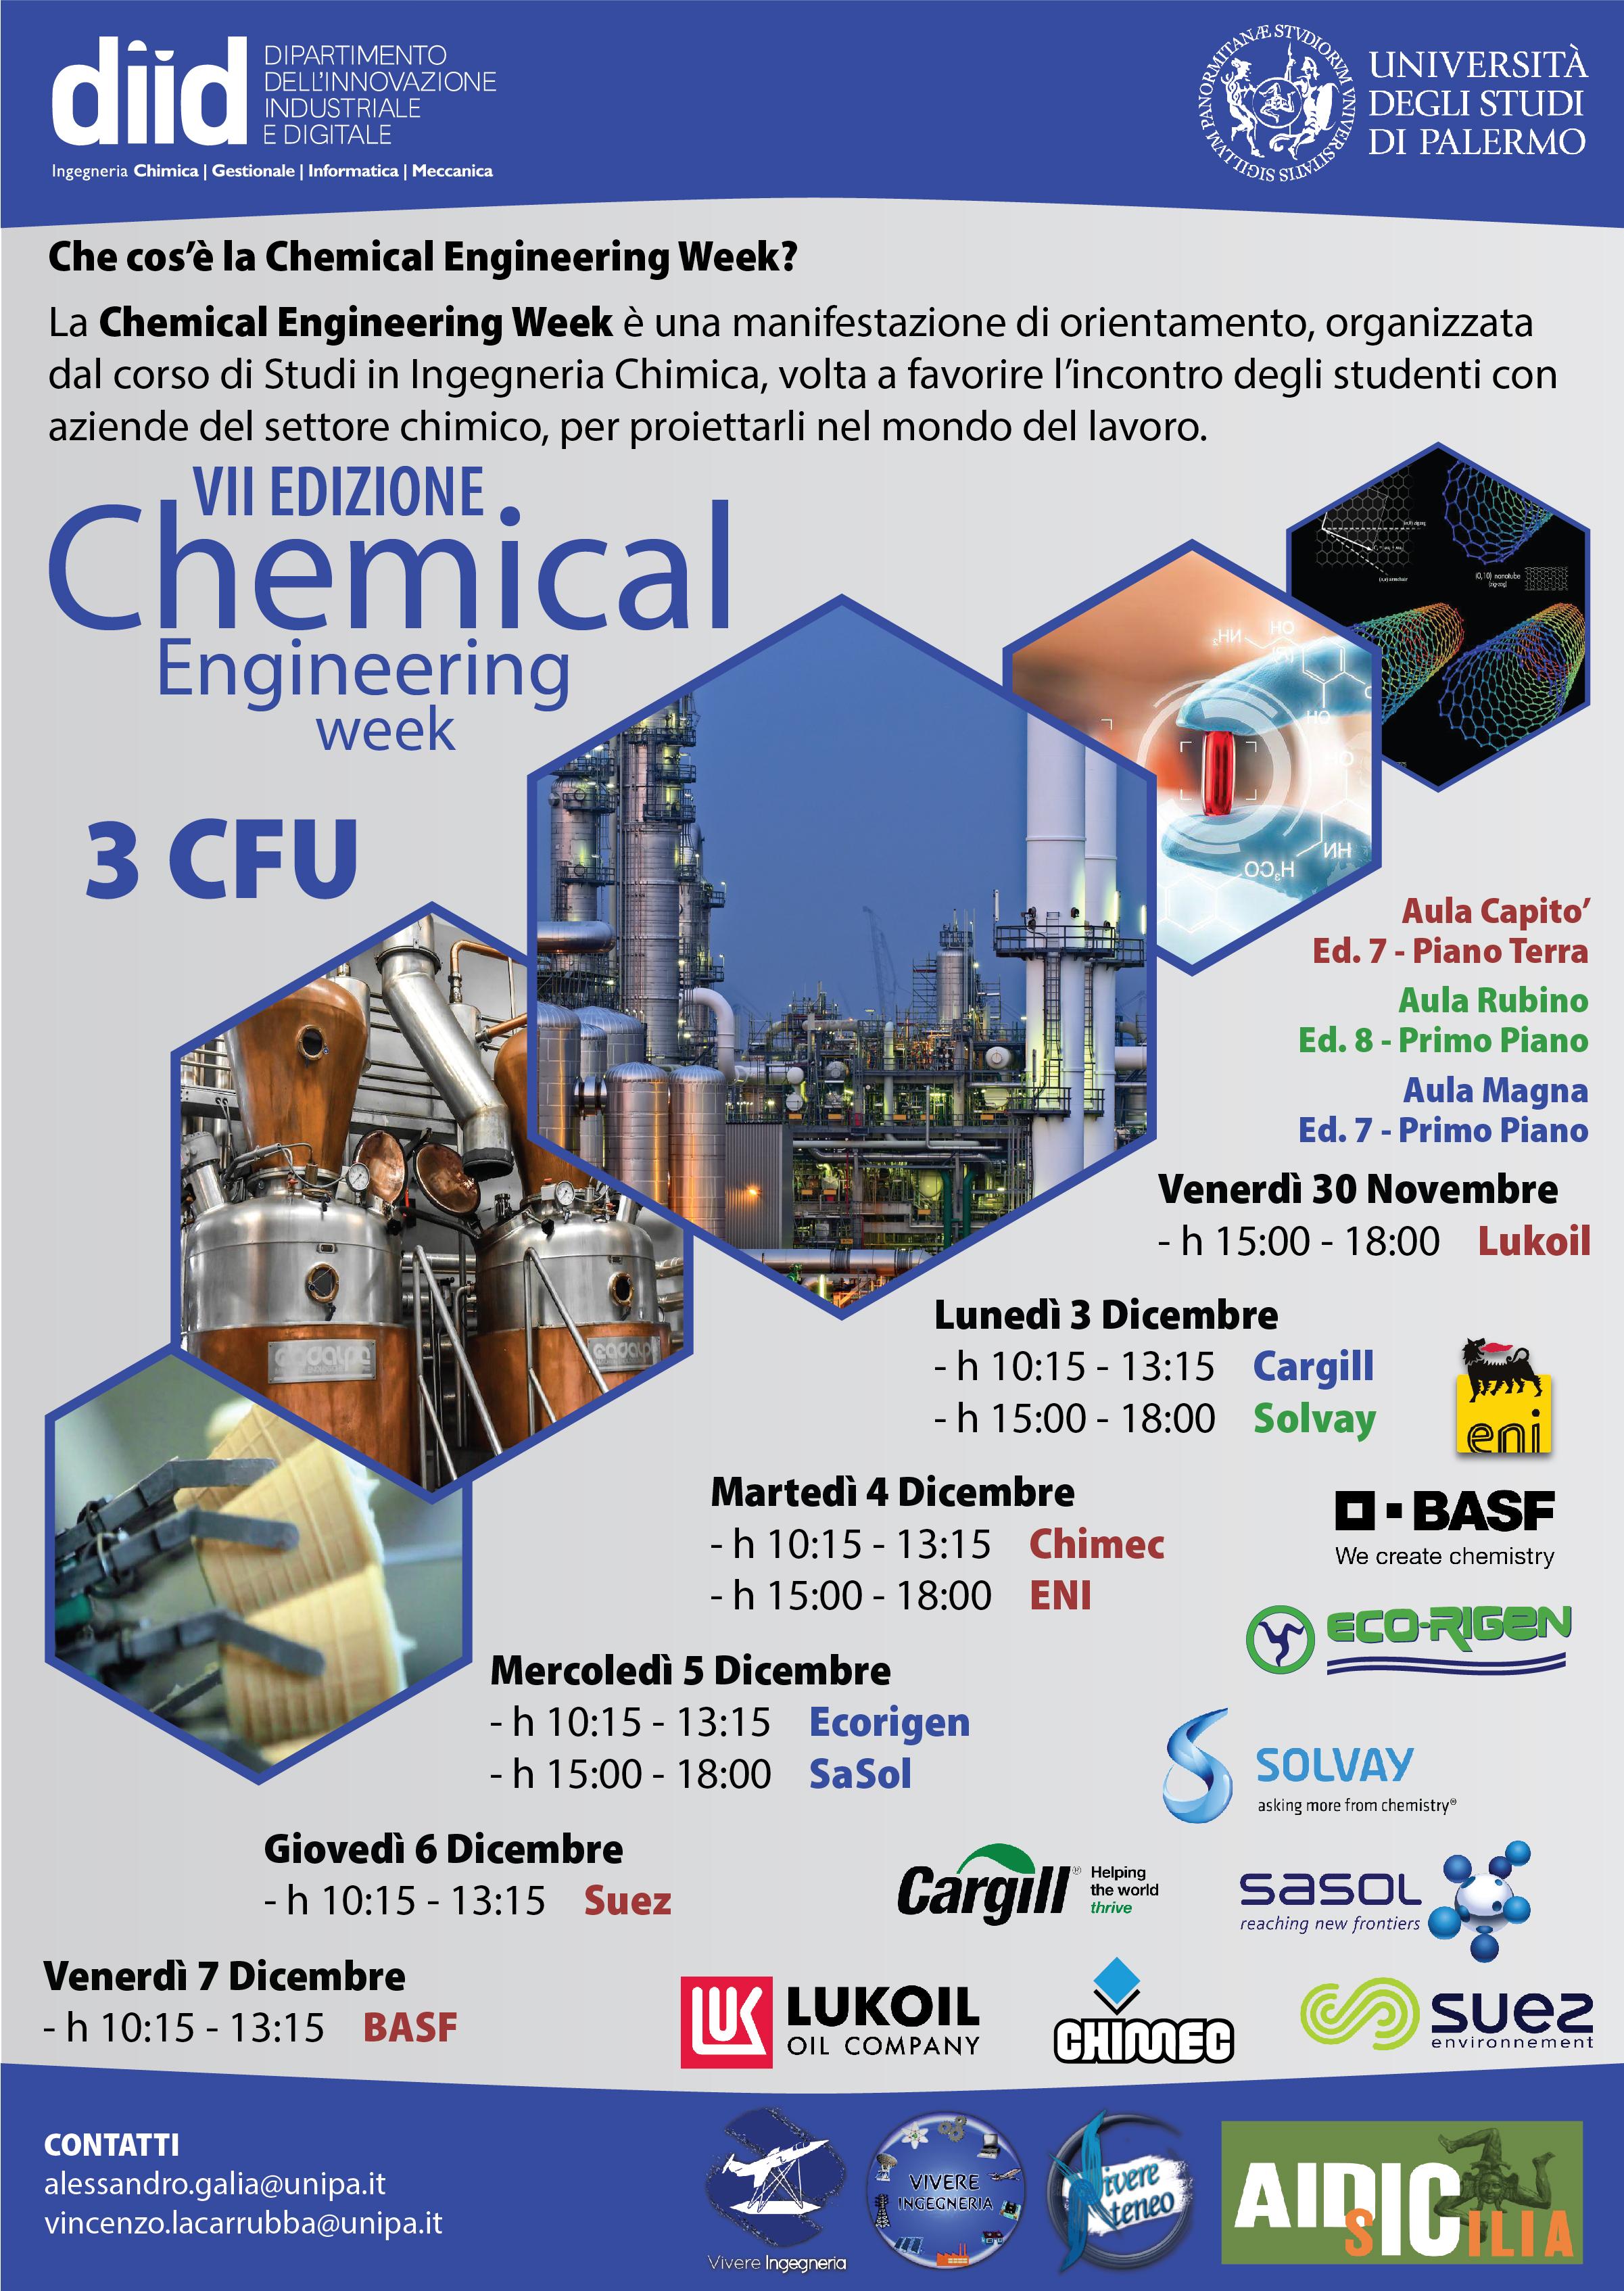 Calendario Lauree Unica Ingegneria.Diid Ingegneria Chimica Gestionale Informatica Meccanica